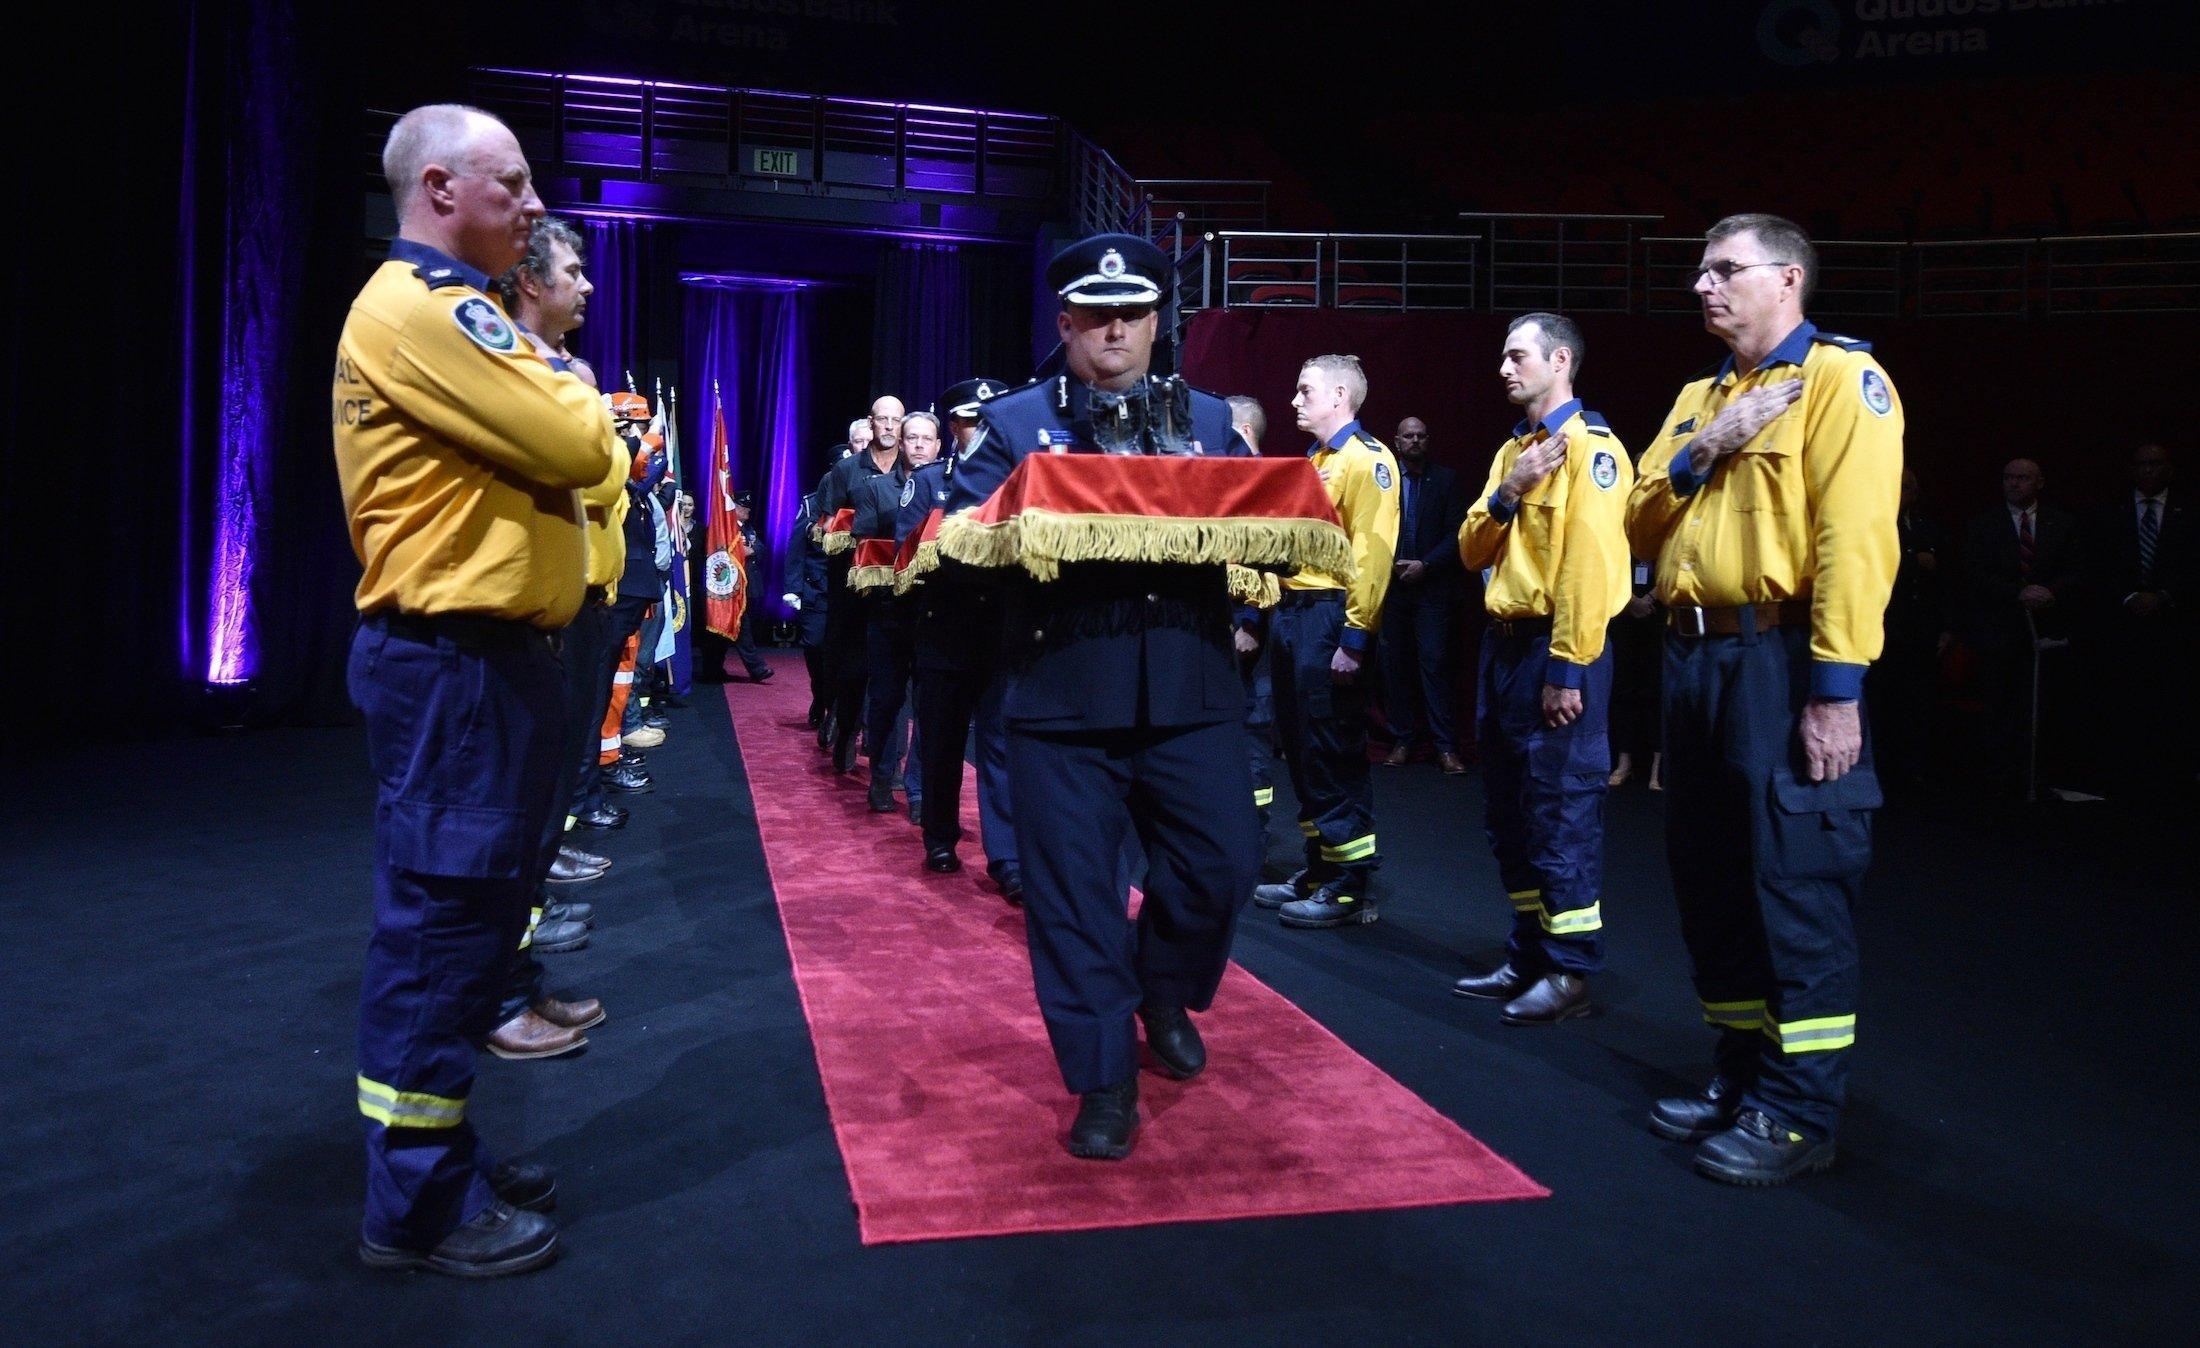 Feuerwehrmänner bilden in einer abgedunkelten Halle ein Spalier, während Kollegen in dekorierten Schachteln die Stiefel von Kameraden hereintragen, die bei den Bränden ums Leben gekommen sind,